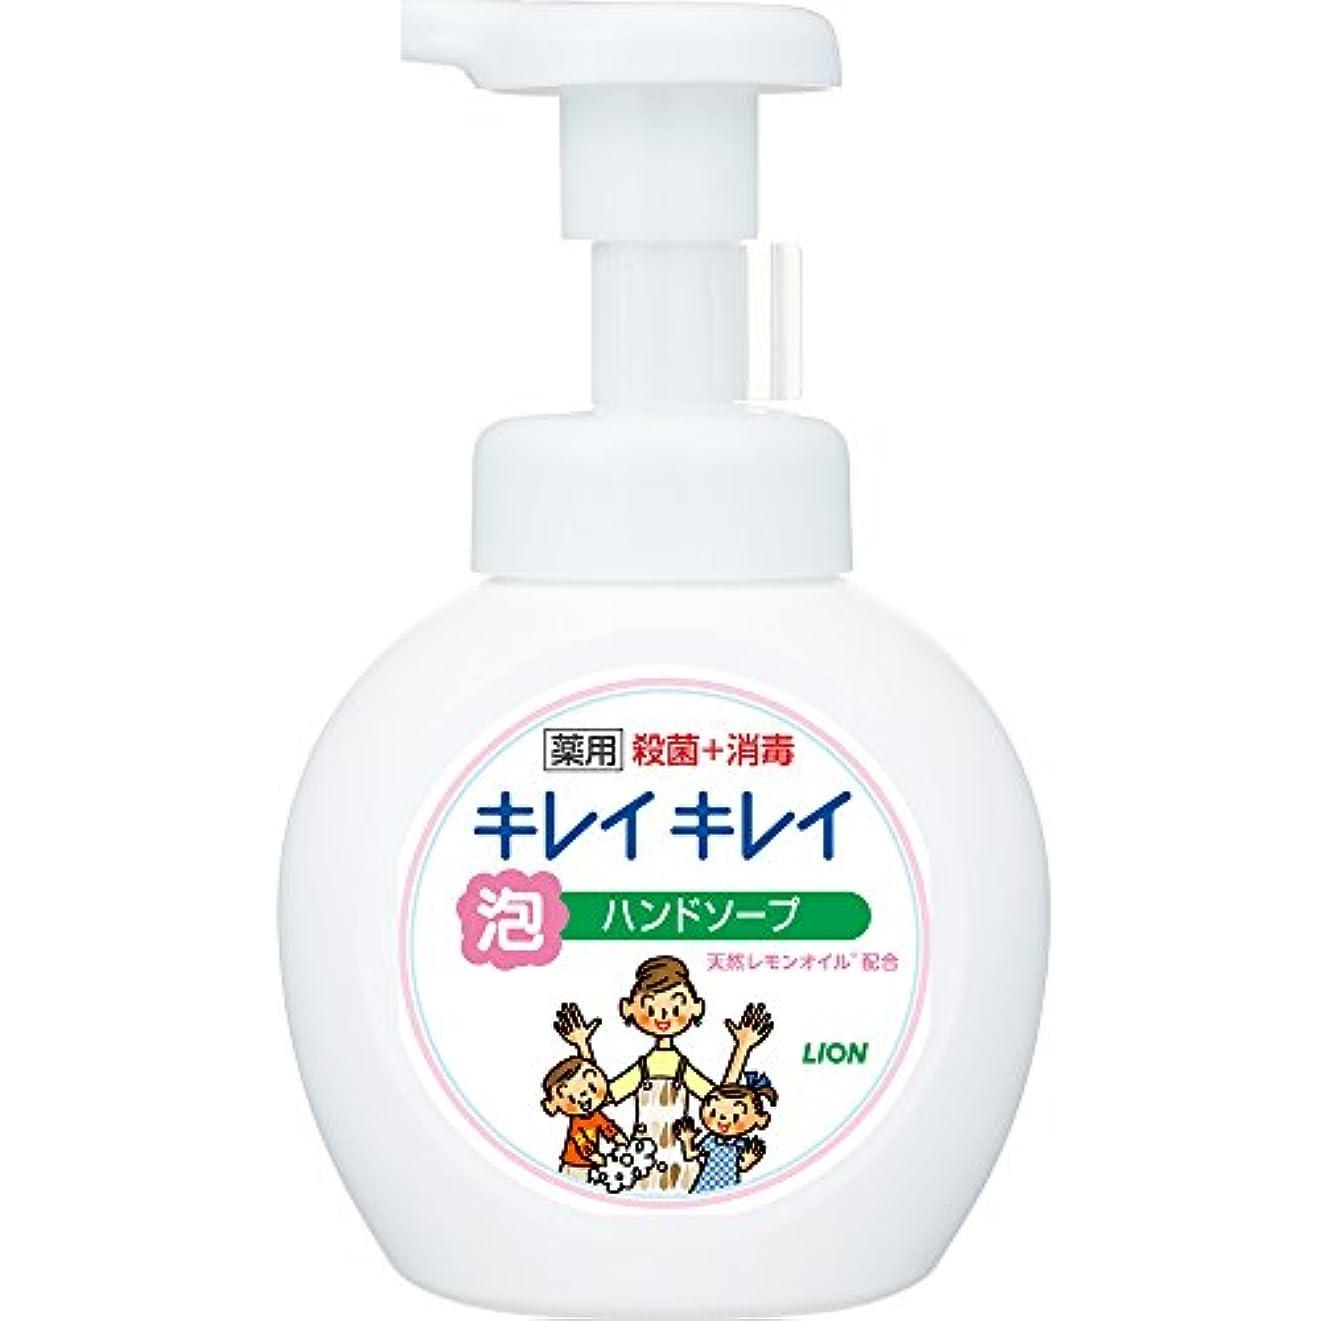 ミルアルカイック書き込みキレイキレイ 薬用 泡ハンドソープ シトラスフルーティの香り 本体ポンプ 250ml(医薬部外品)